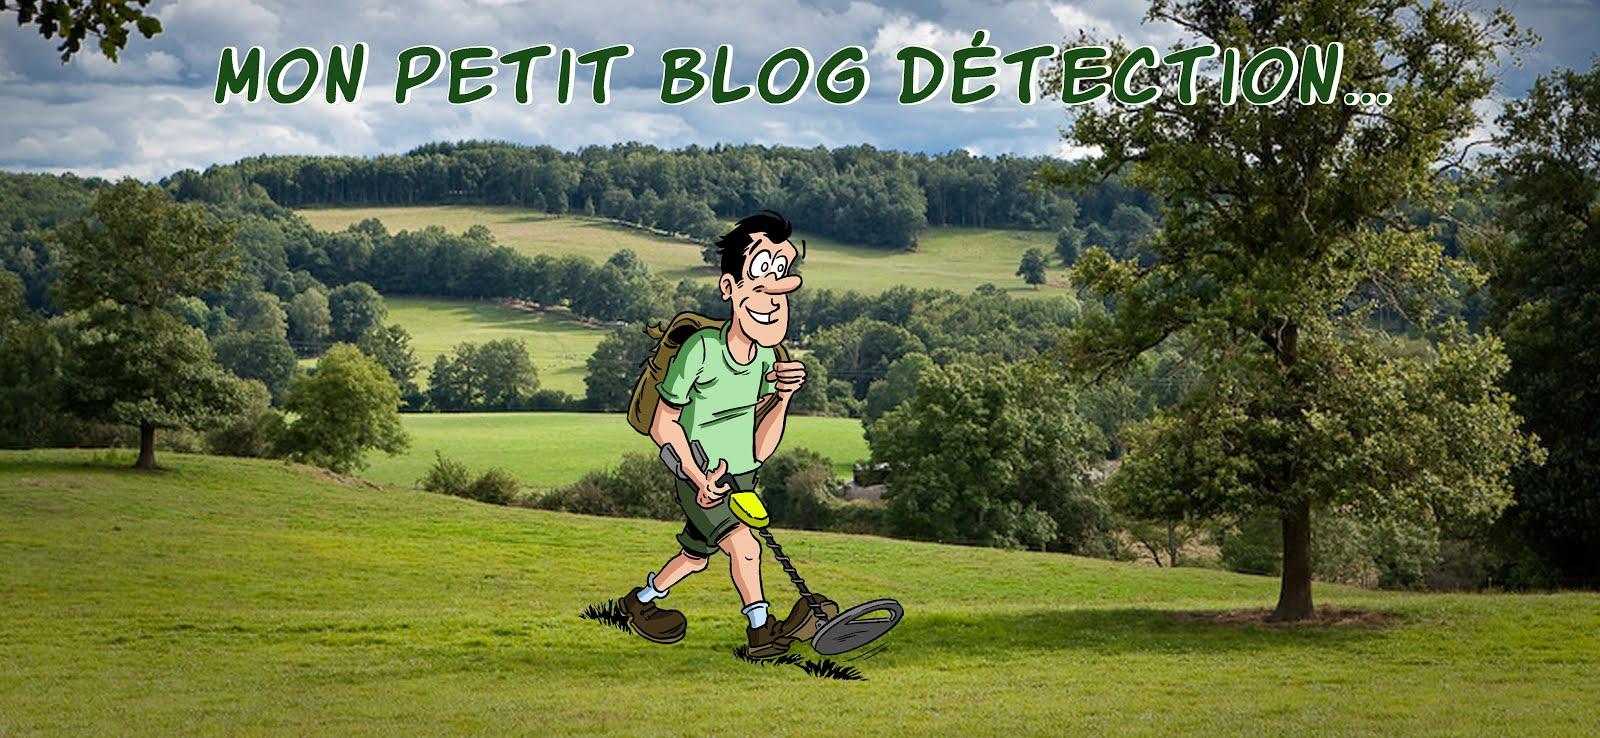 mon petit blog détection...